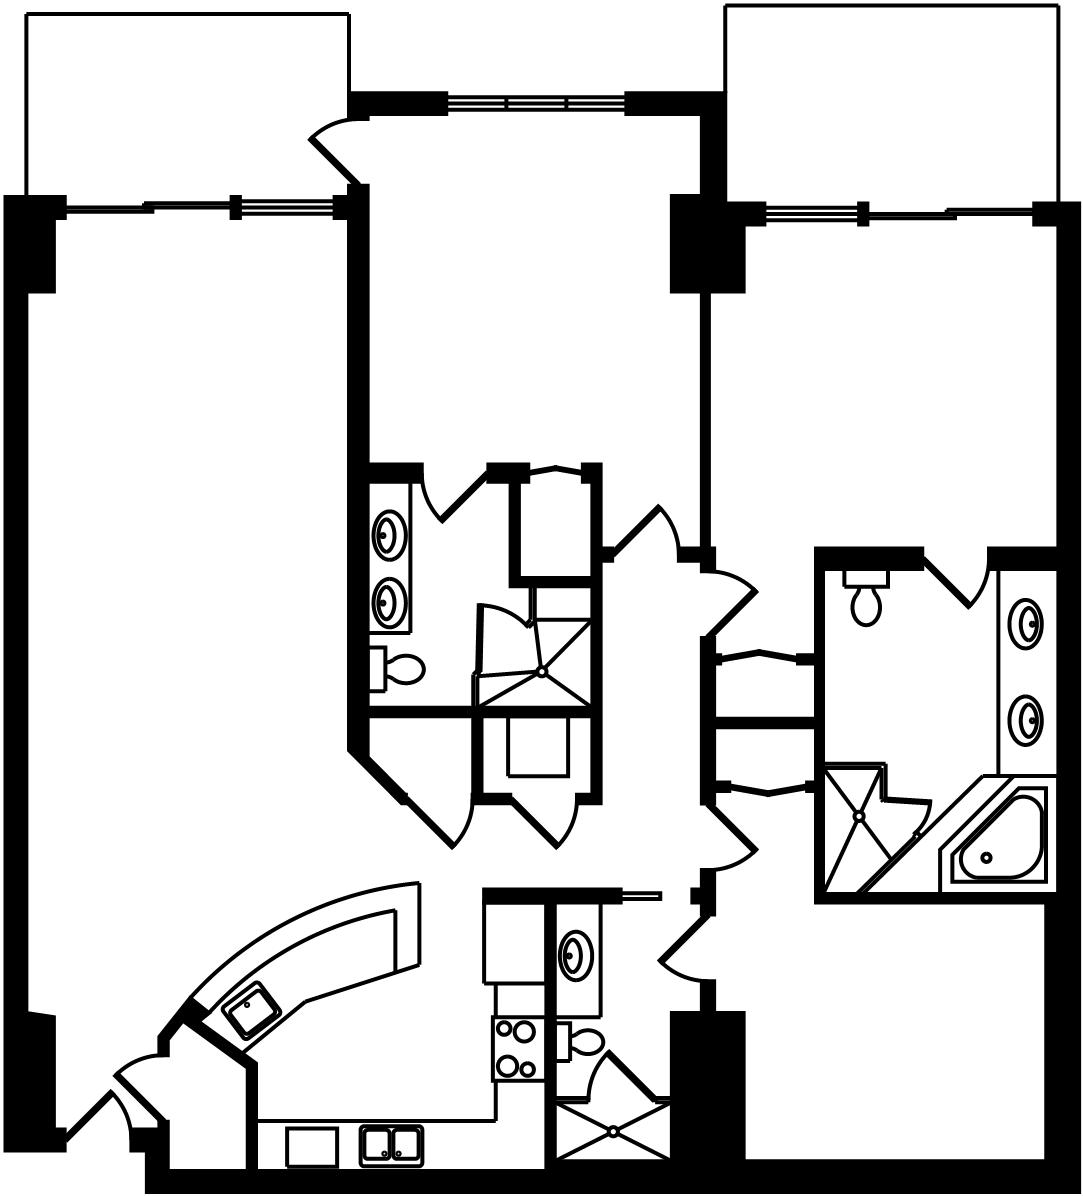 3 Bedroom Bathroom Interactive Tour Photo Gallery Floor Plan